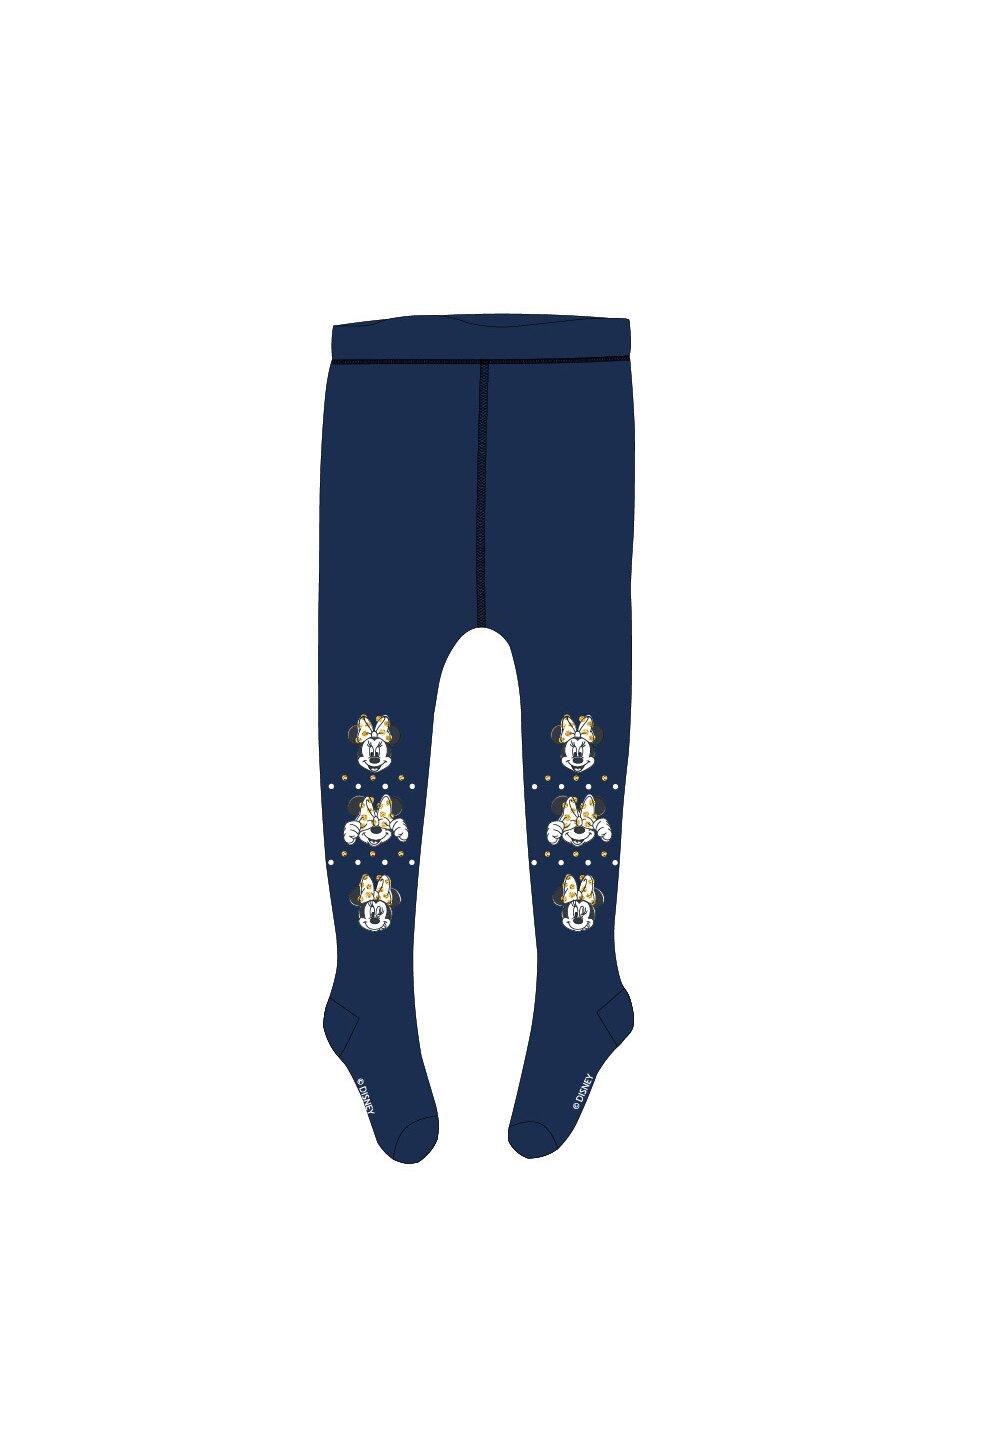 Ciorapi cu chilot, Minnie, bluemarin cu auriu imagine